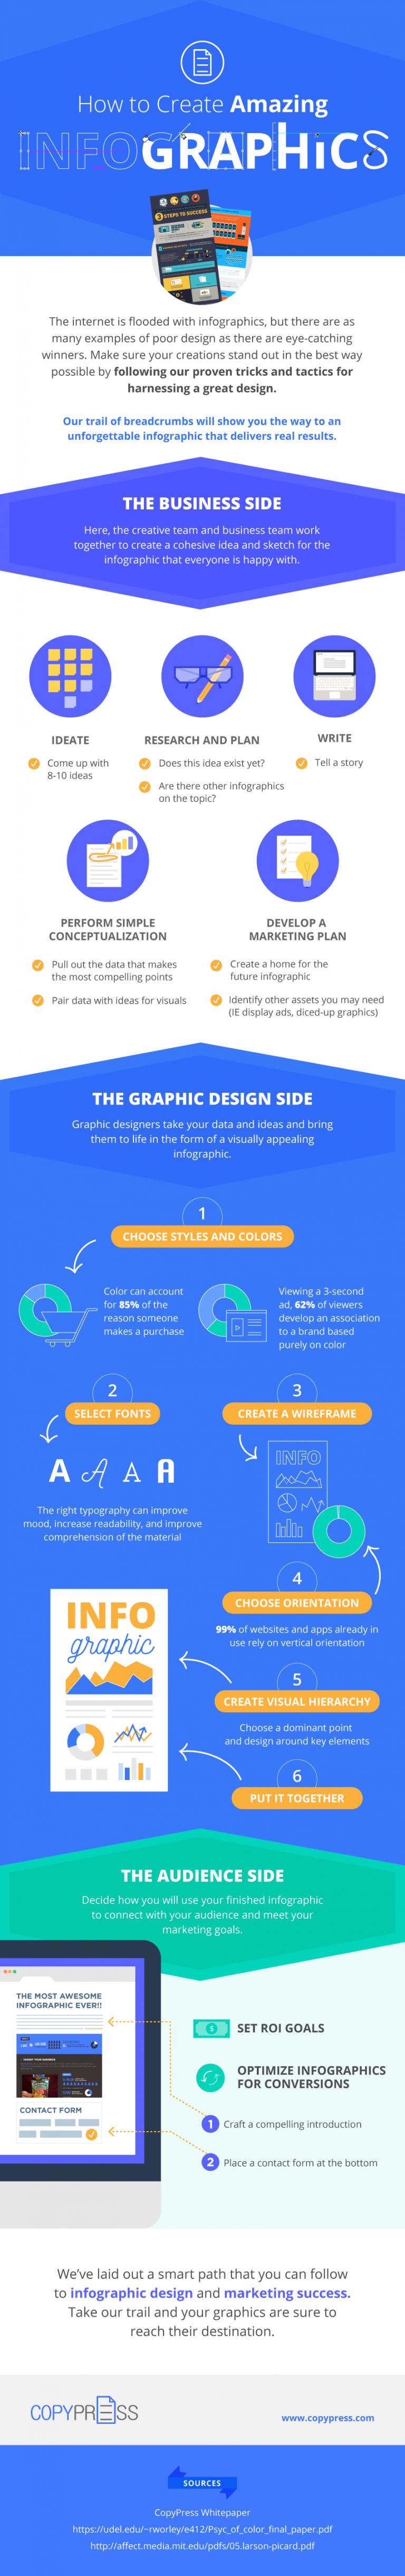 How to Create Amazing Infographics